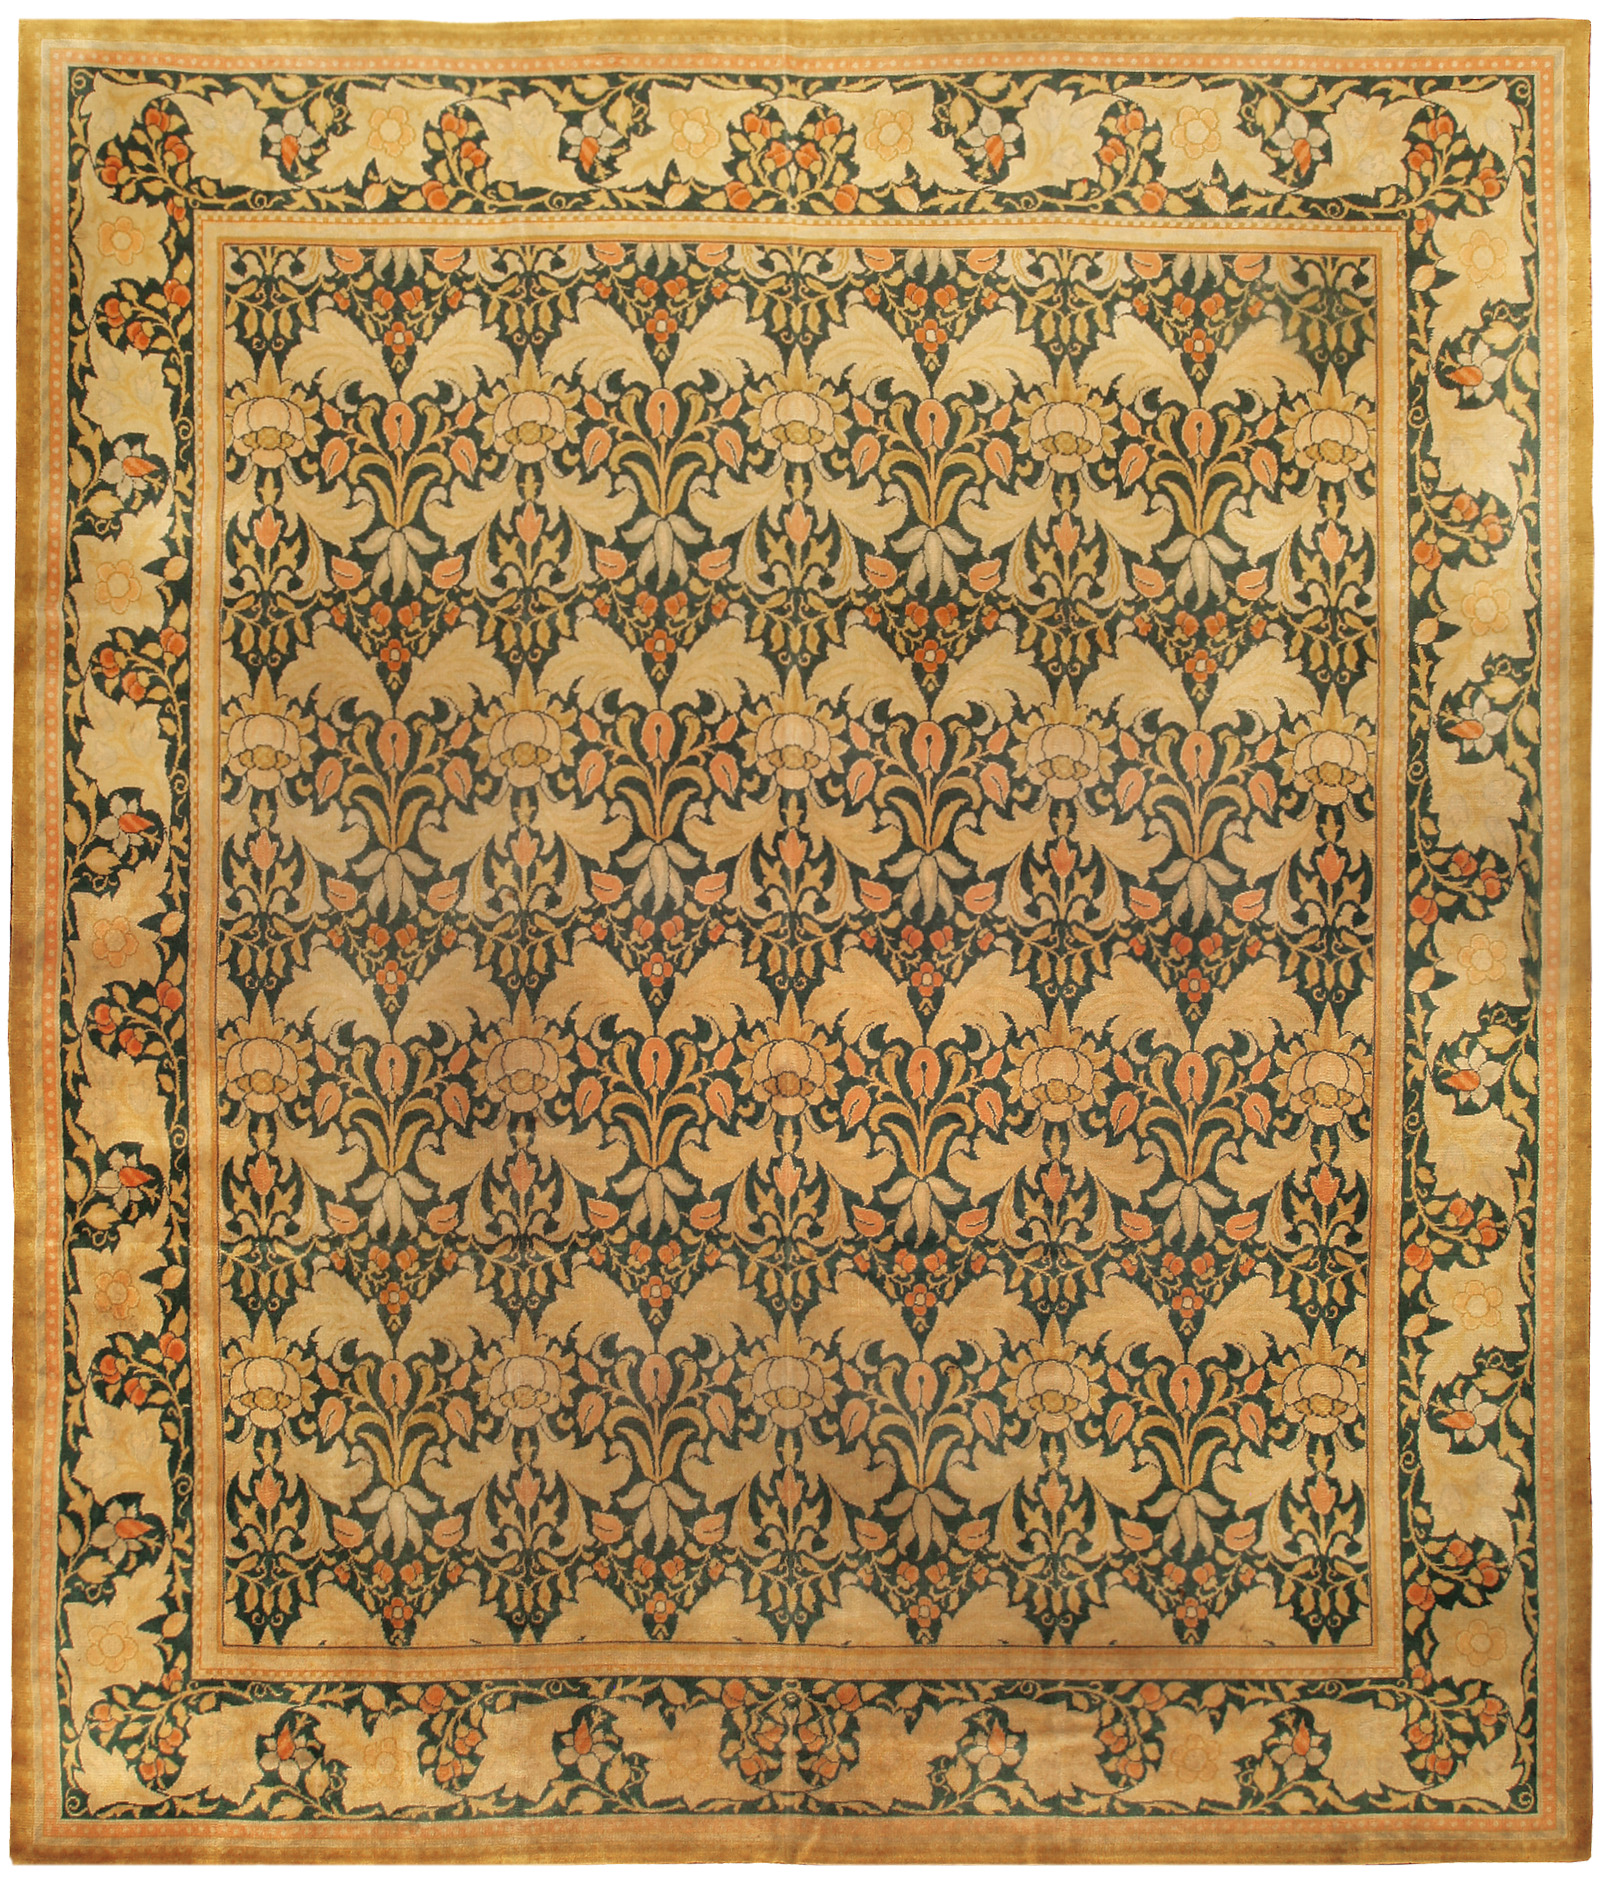 William Morris Style Carpet